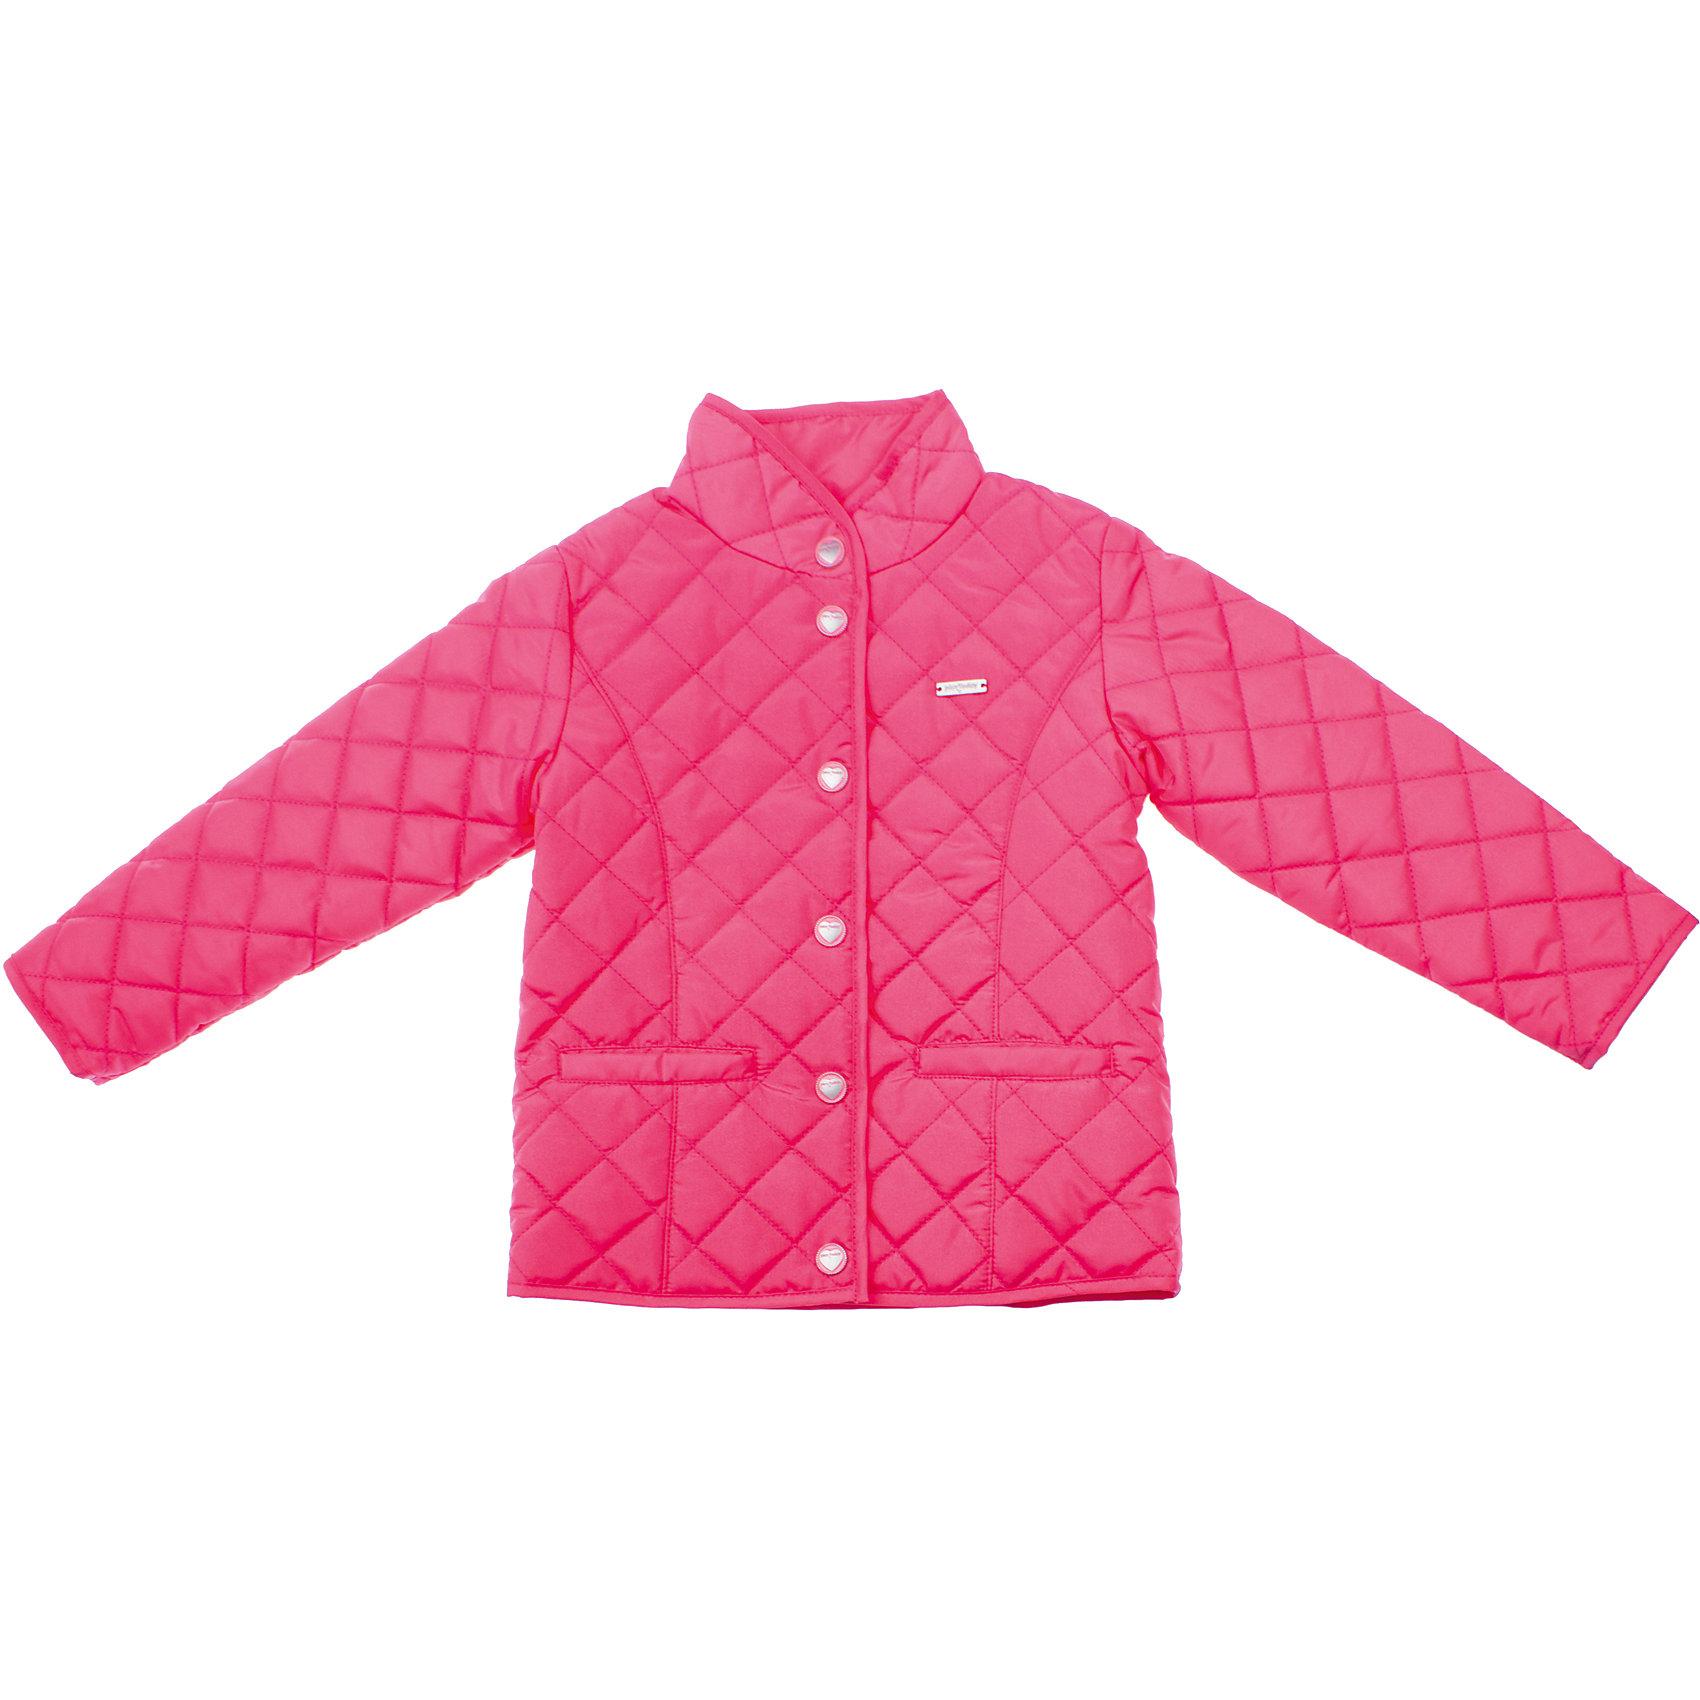 Куртка для девочки PlayTodayВерхняя одежда<br>Куртка для девочки PlayToday <br><br>Состав: <br>Верх: 100% полиэстер<br>Подкладка: 65% полиэстер, 35% хлопок<br><br>Наполнитель: 100% полиэстер легкая стеганая куртка<br>Яркий малиновый цвет<br>Застегивается на кнопки с сердечками<br>Два кармашка<br>Высокий воротник-стойка<br>Мягкая трикотажная подкладка<br><br>Ширина мм: 356<br>Глубина мм: 10<br>Высота мм: 245<br>Вес г: 519<br>Цвет: розовый<br>Возраст от месяцев: 84<br>Возраст до месяцев: 96<br>Пол: Женский<br>Возраст: Детский<br>Размер: 122,110,128,116,104,98<br>SKU: 4504430